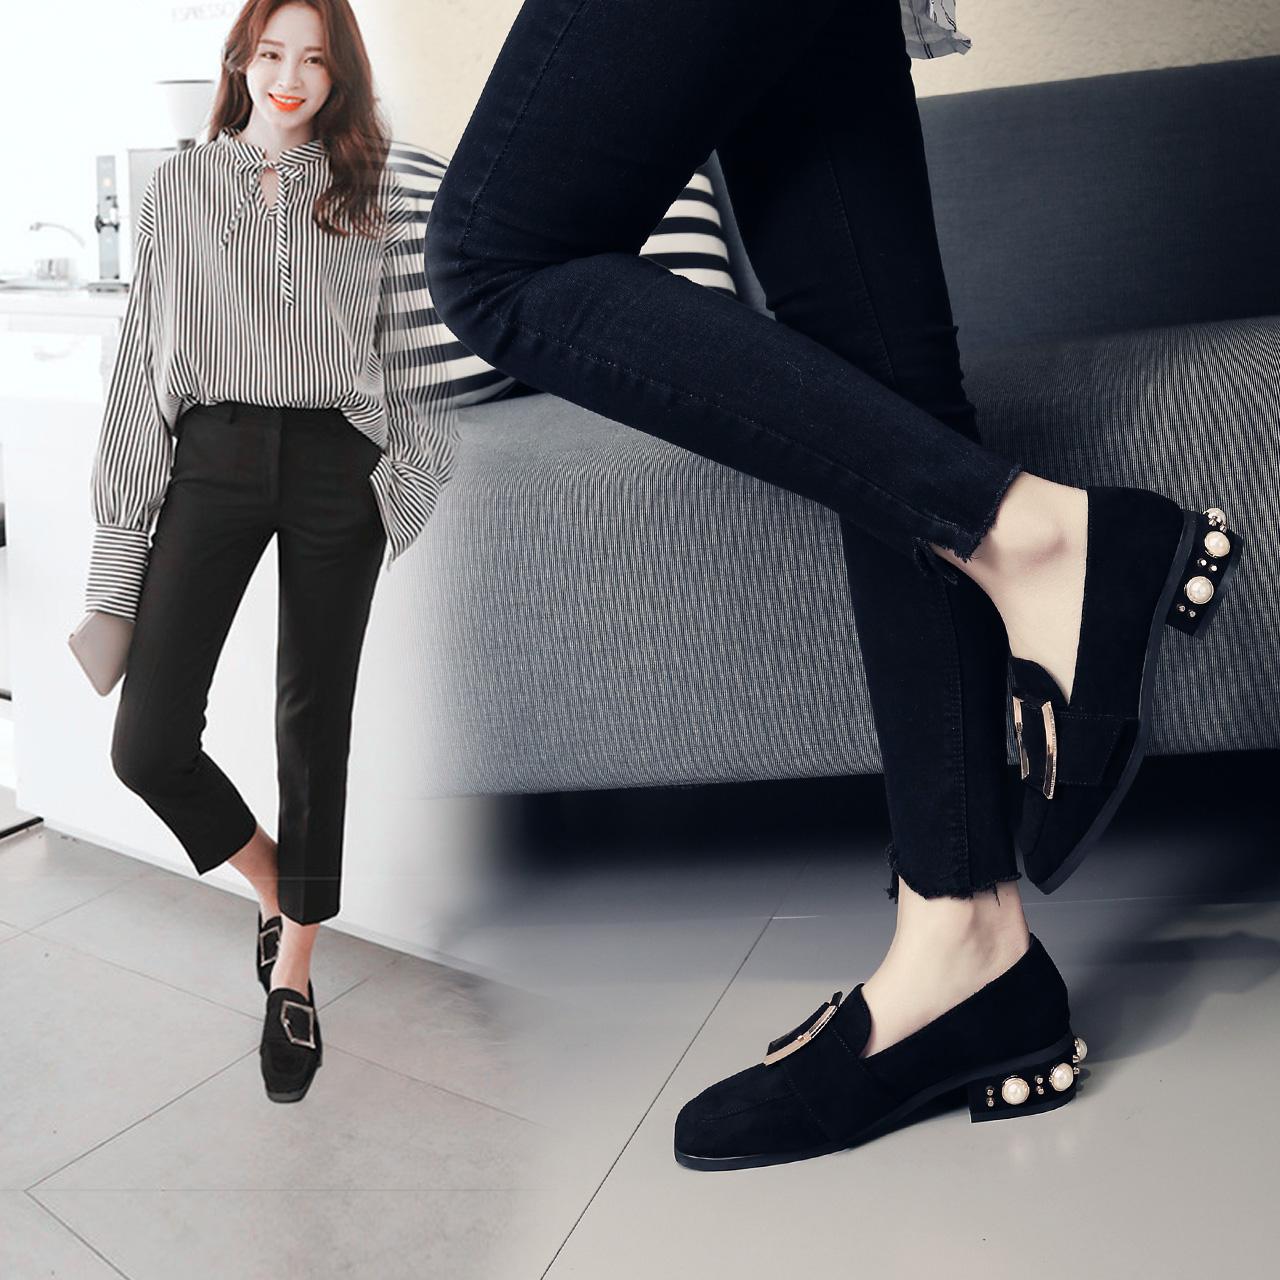 单鞋 2018春季新款单鞋女韩版方头金属扣珍珠跟百搭舒适粗跟女鞋_推荐淘宝好看的女单鞋